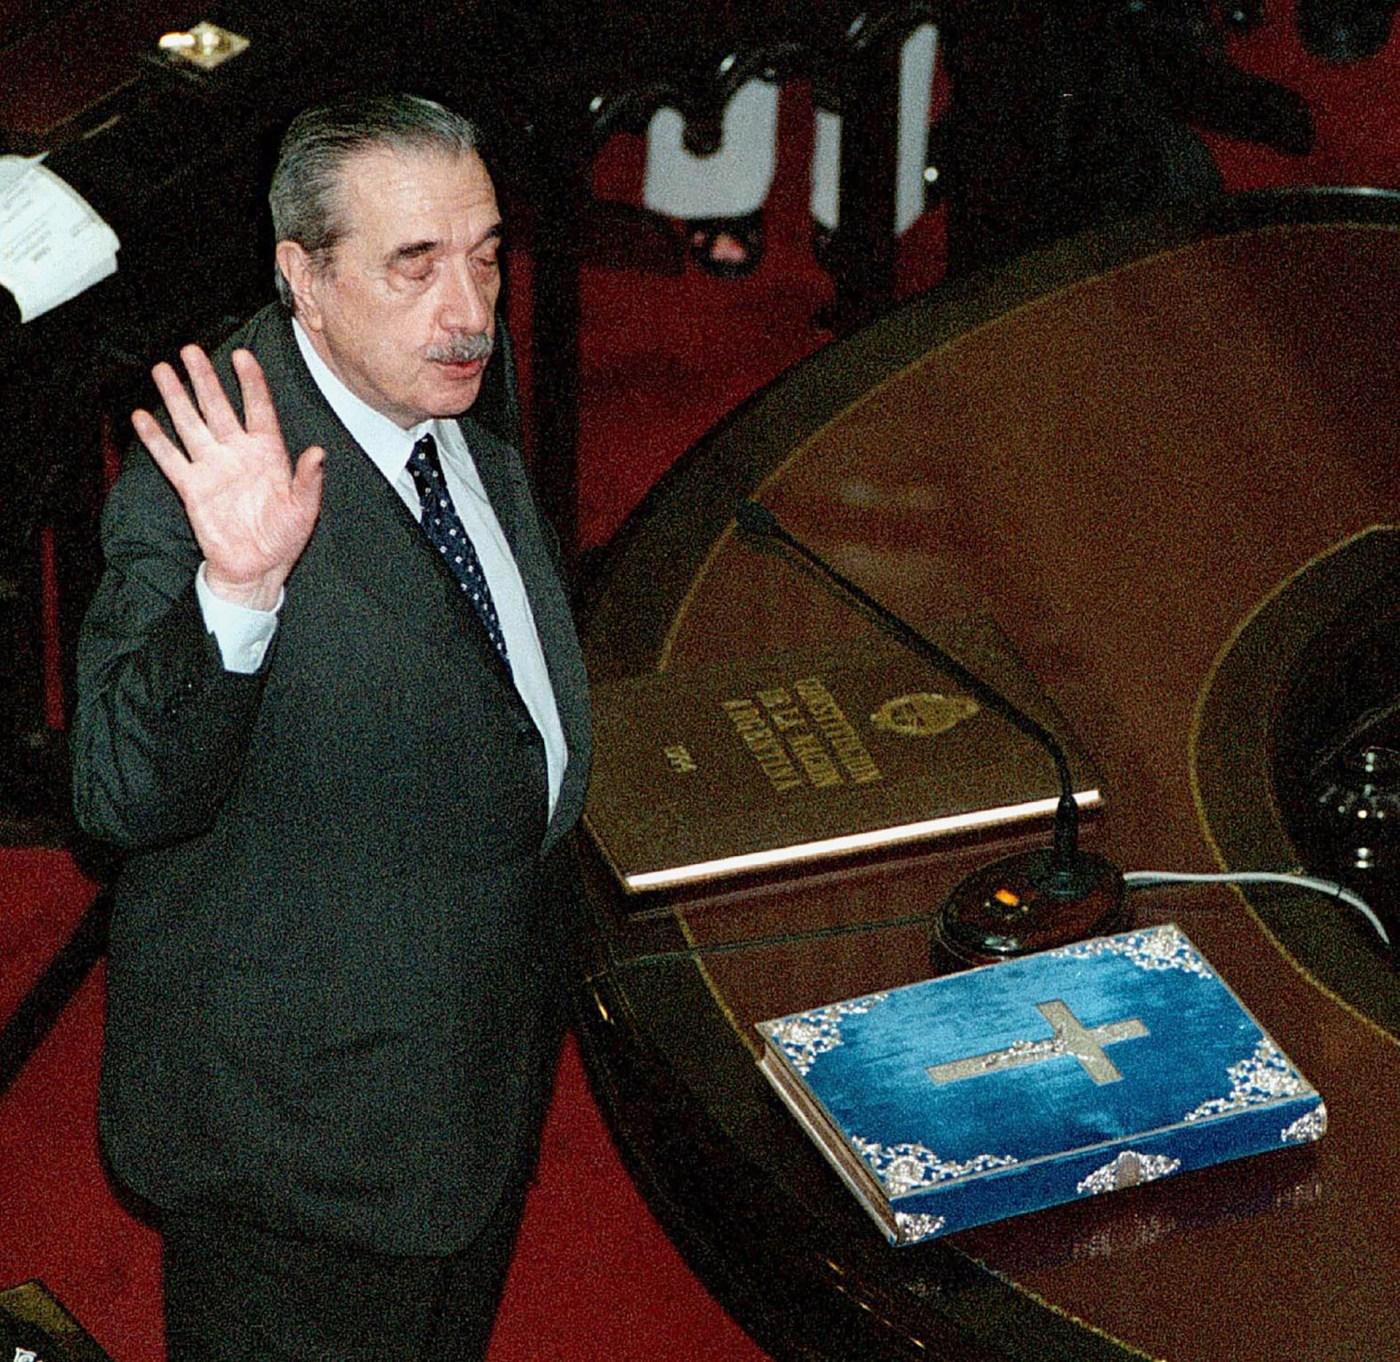 Alfonsín presta juramento como senador nacional por la provincia de Buenos Aires en el recinto de la Cámara Alta